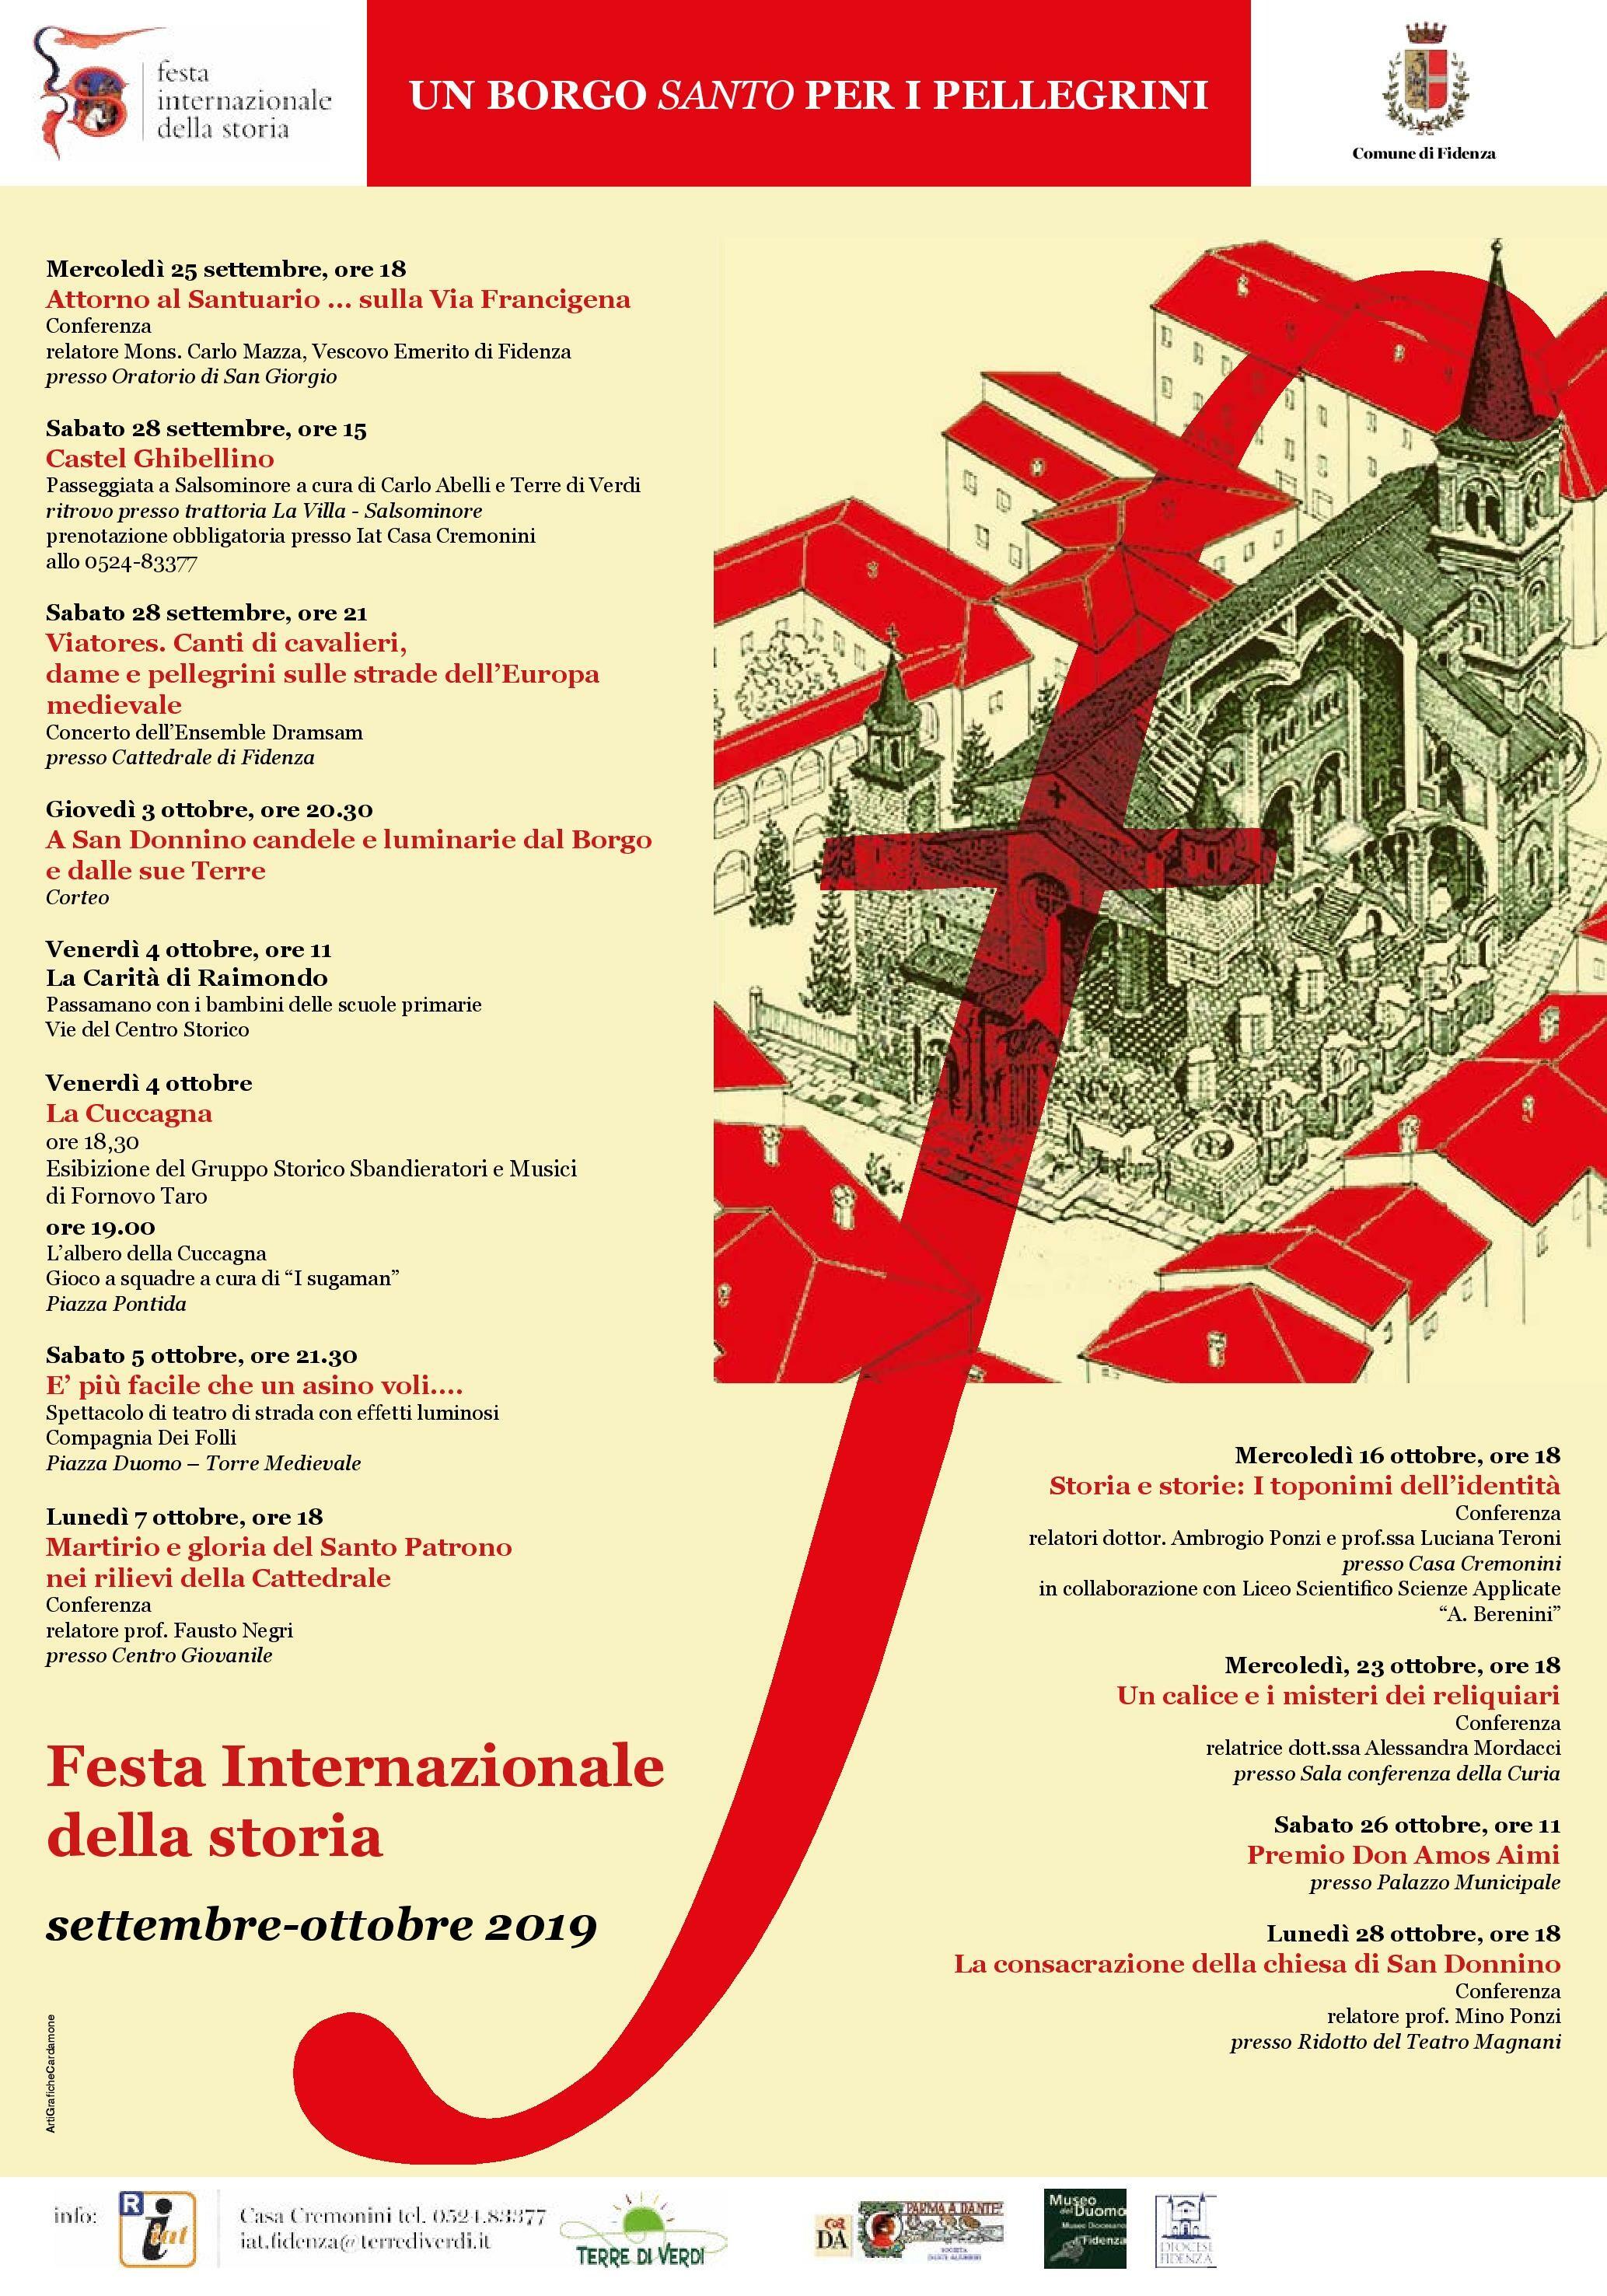 Festa internazionale della storia a Fidenza: un borgo Santo per i pellegrini